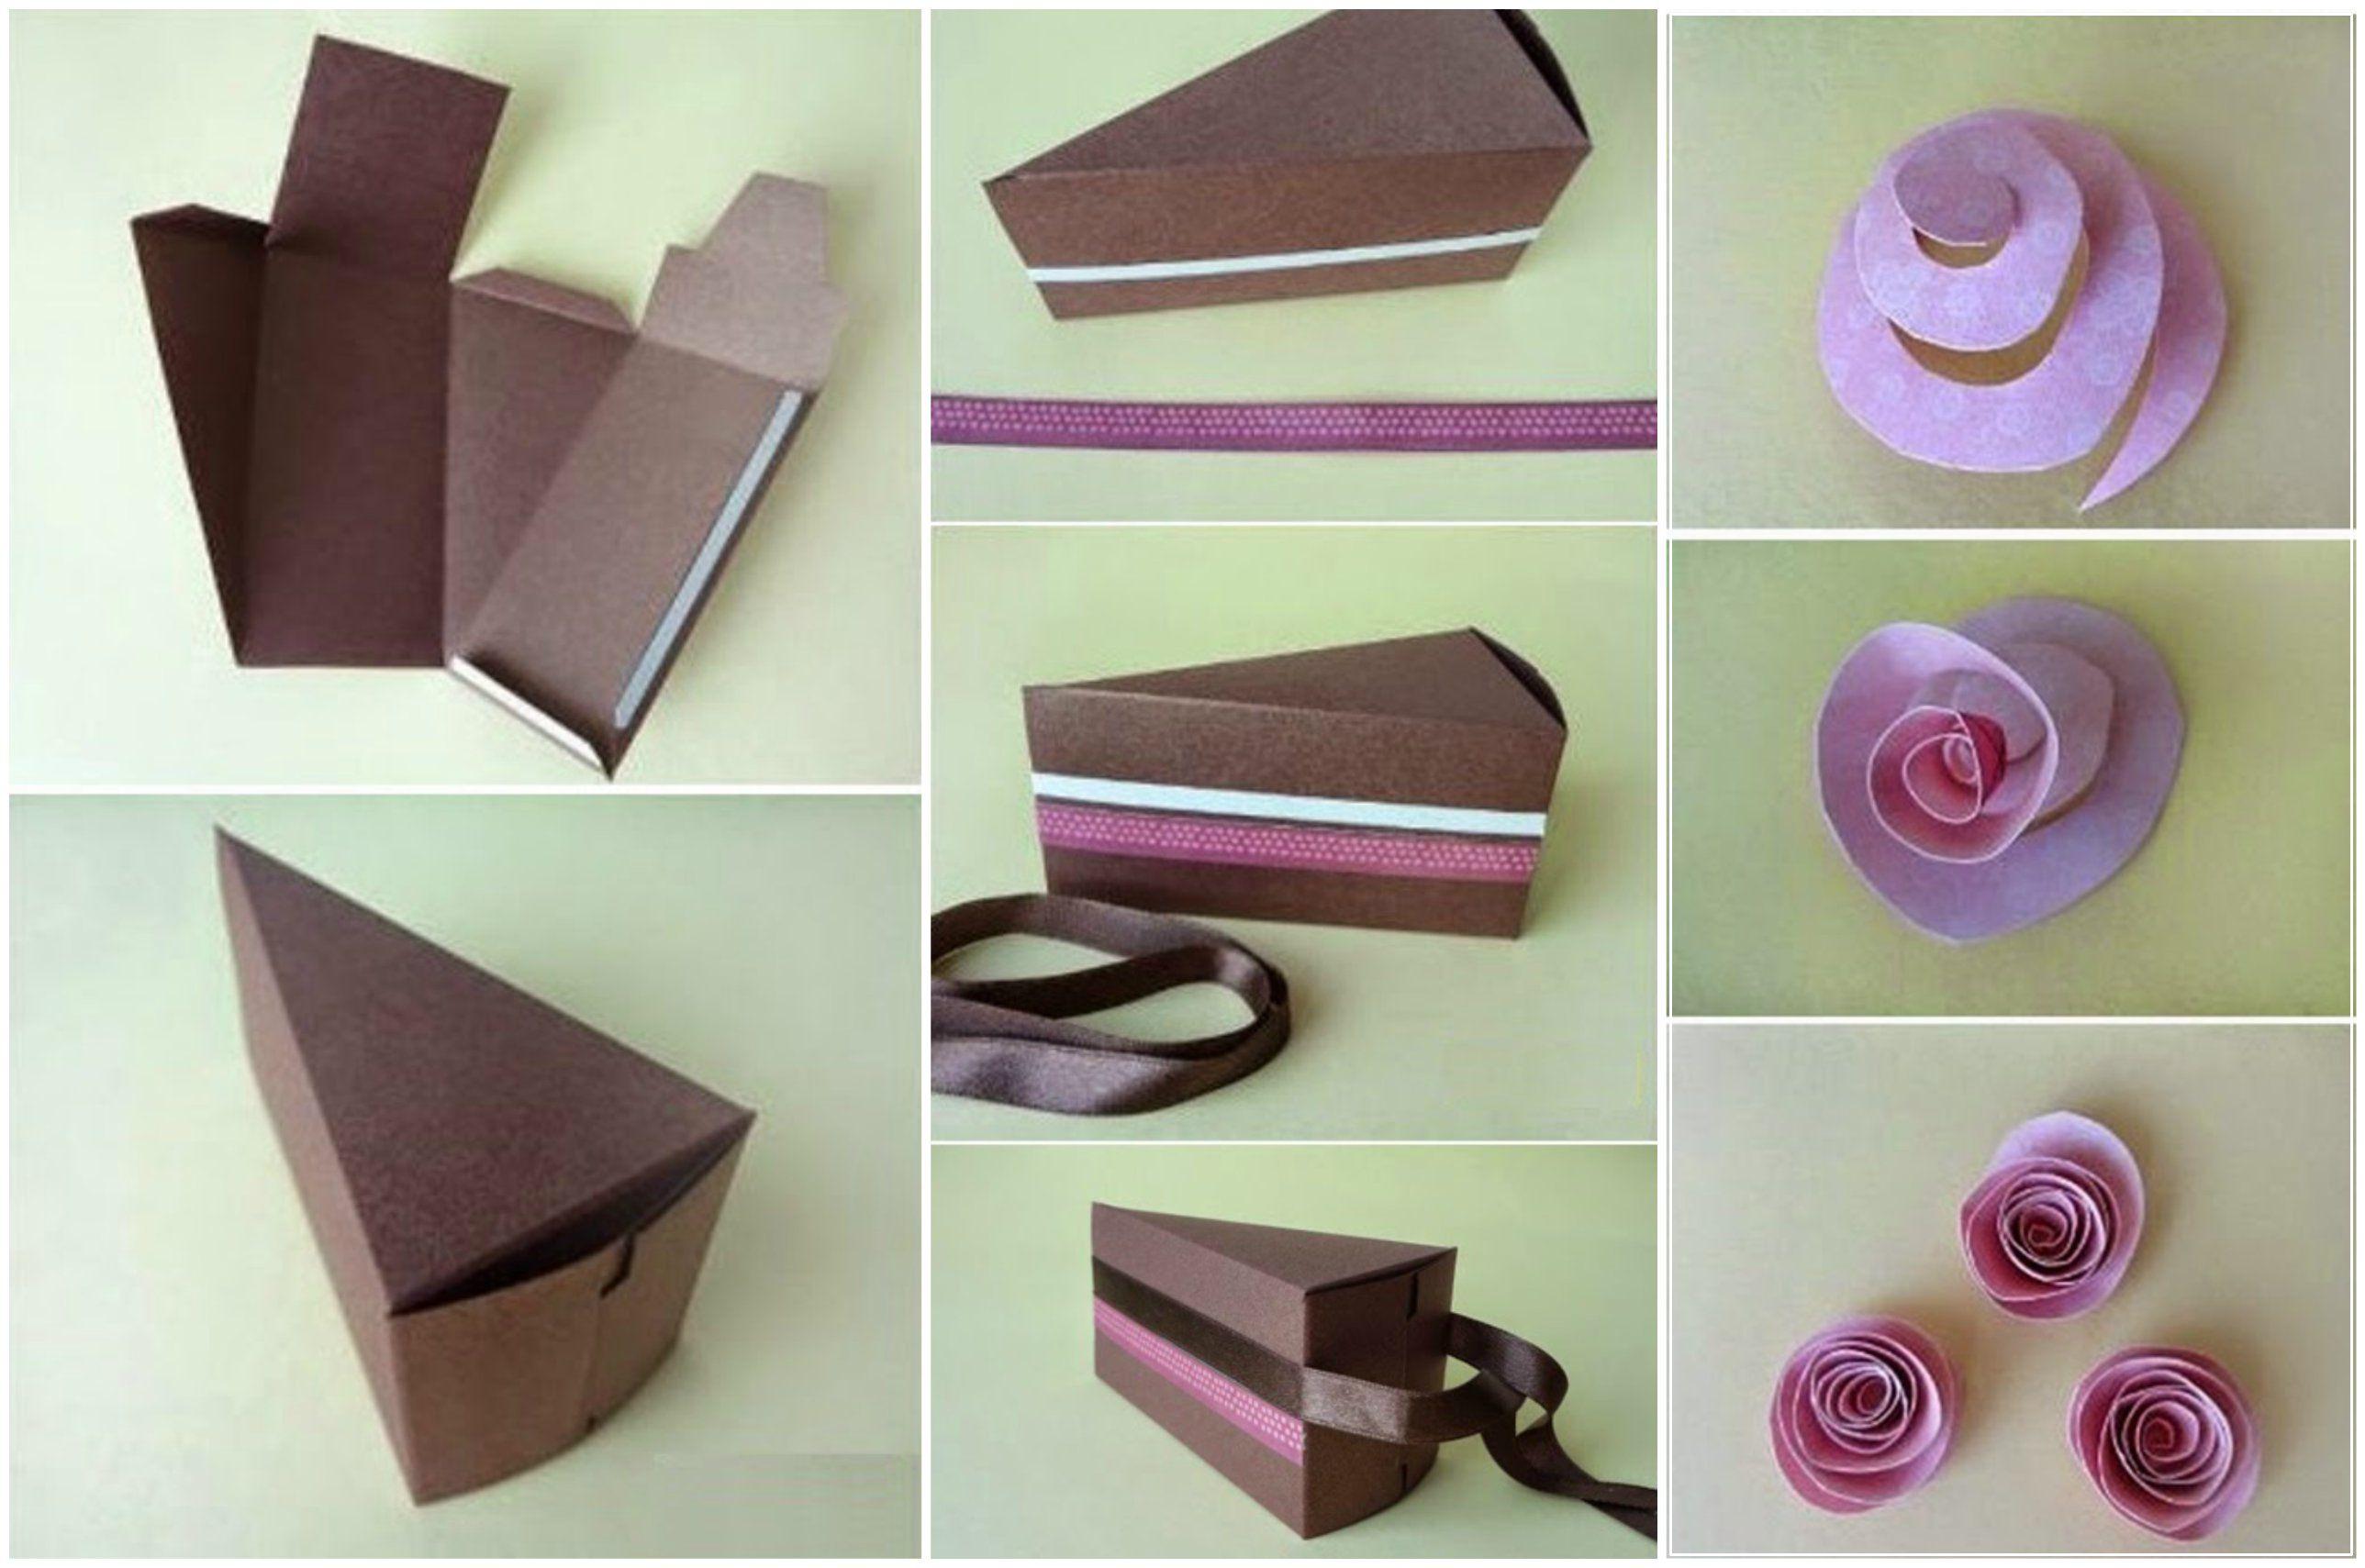 pastel2 | torta golosinera | Pinterest | Porciones de torta ...